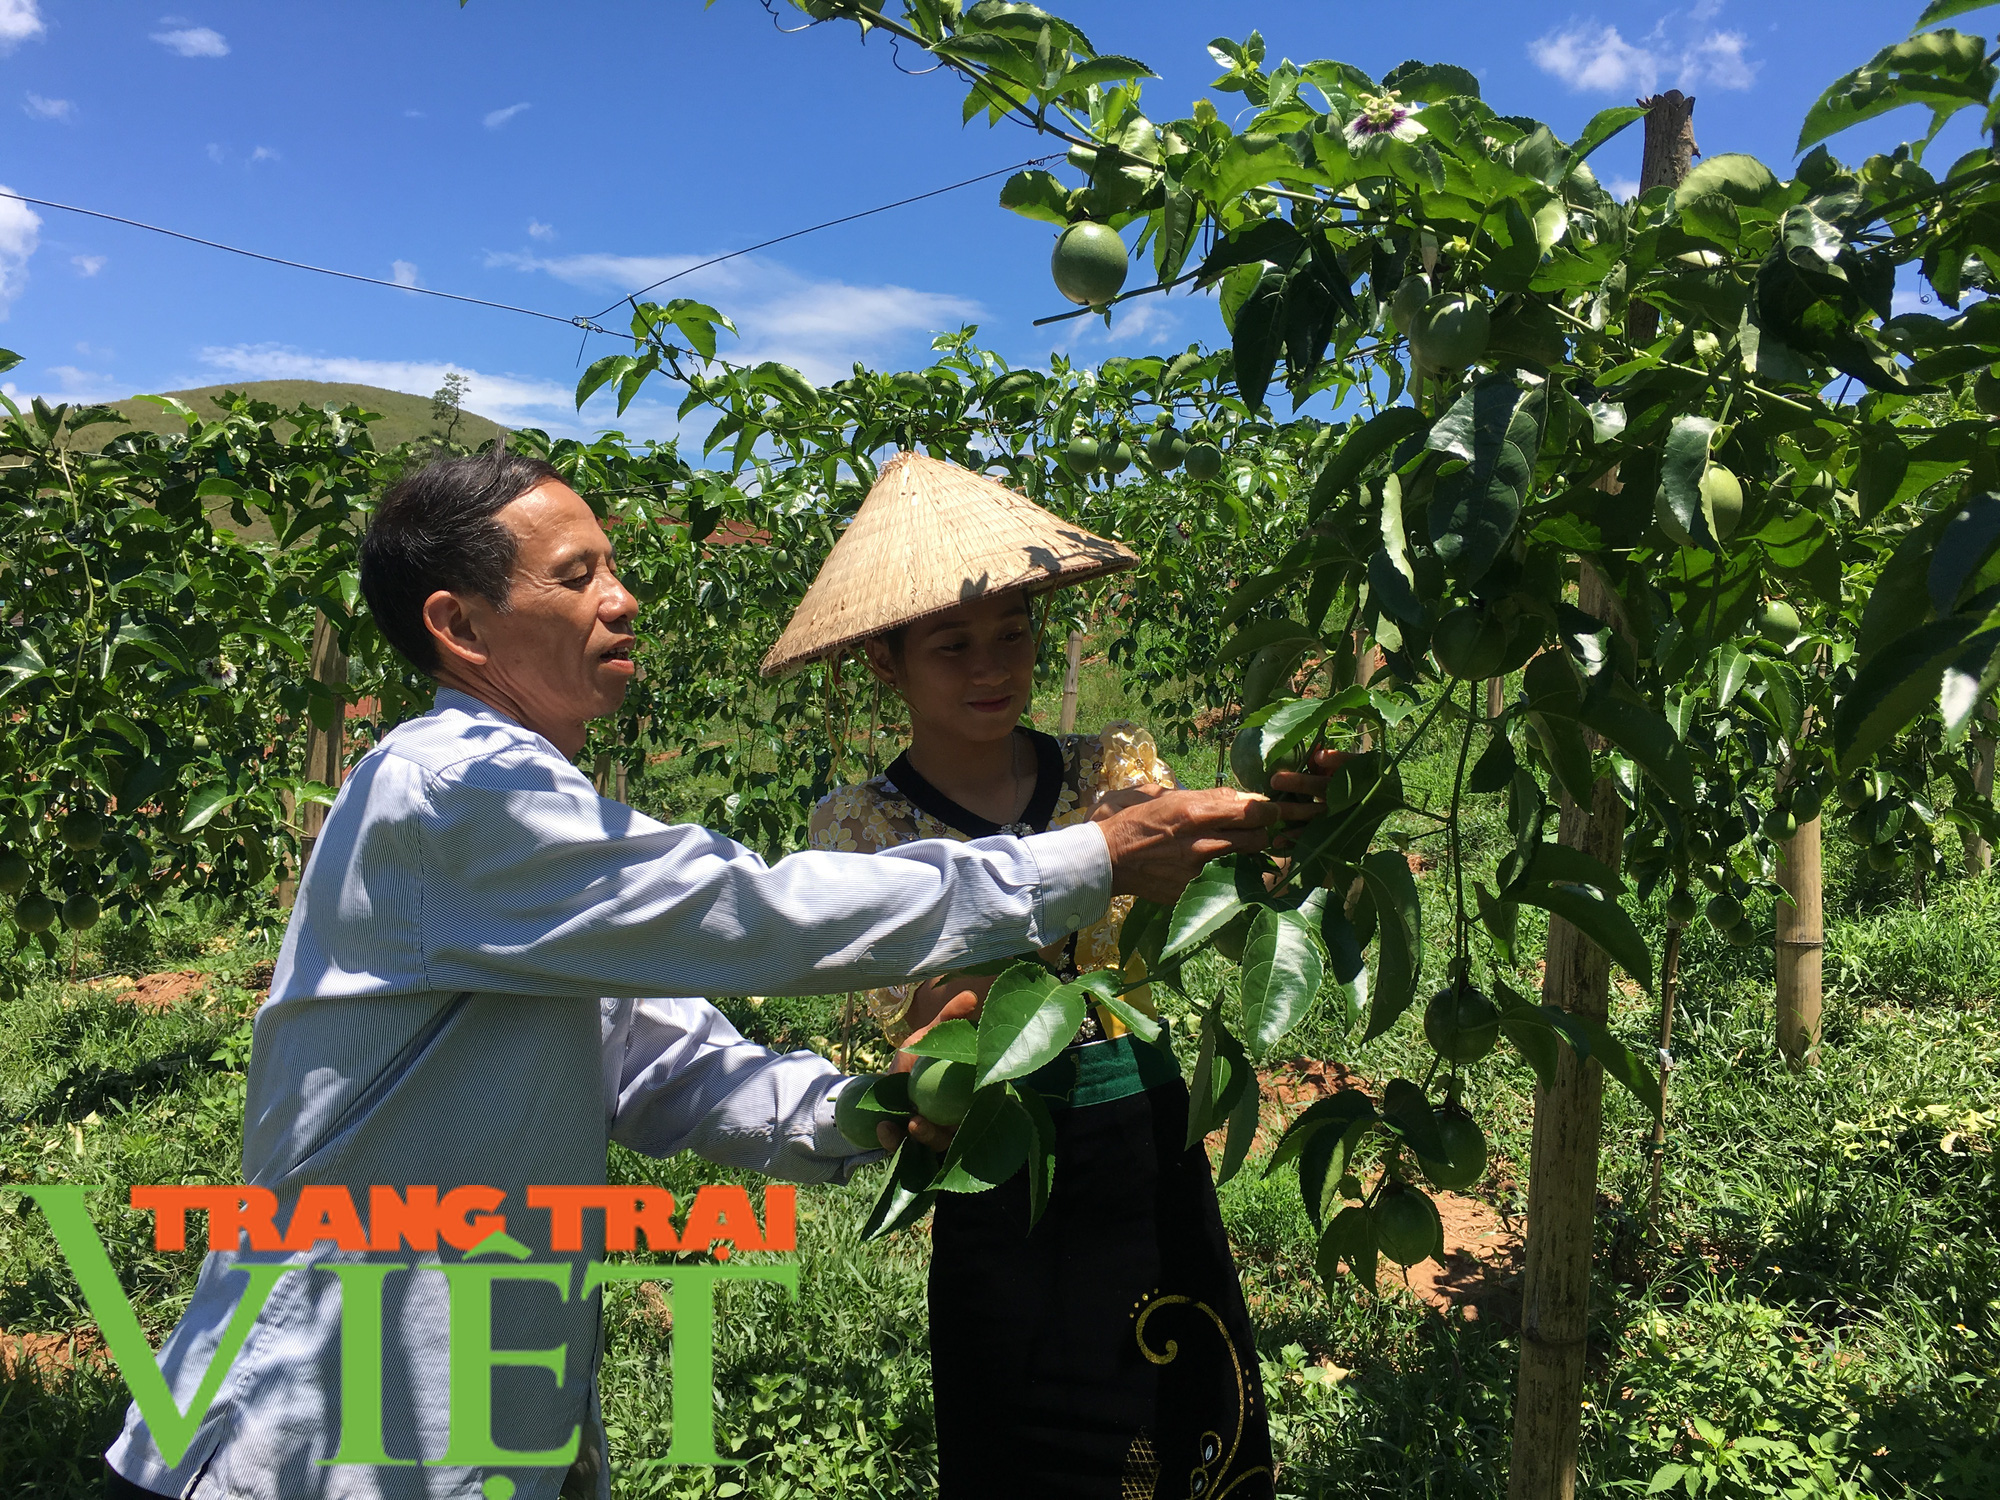 Mộc Châu ứng dụng công nghệ cao vào sản xuất nông nghiệp - Ảnh 4.